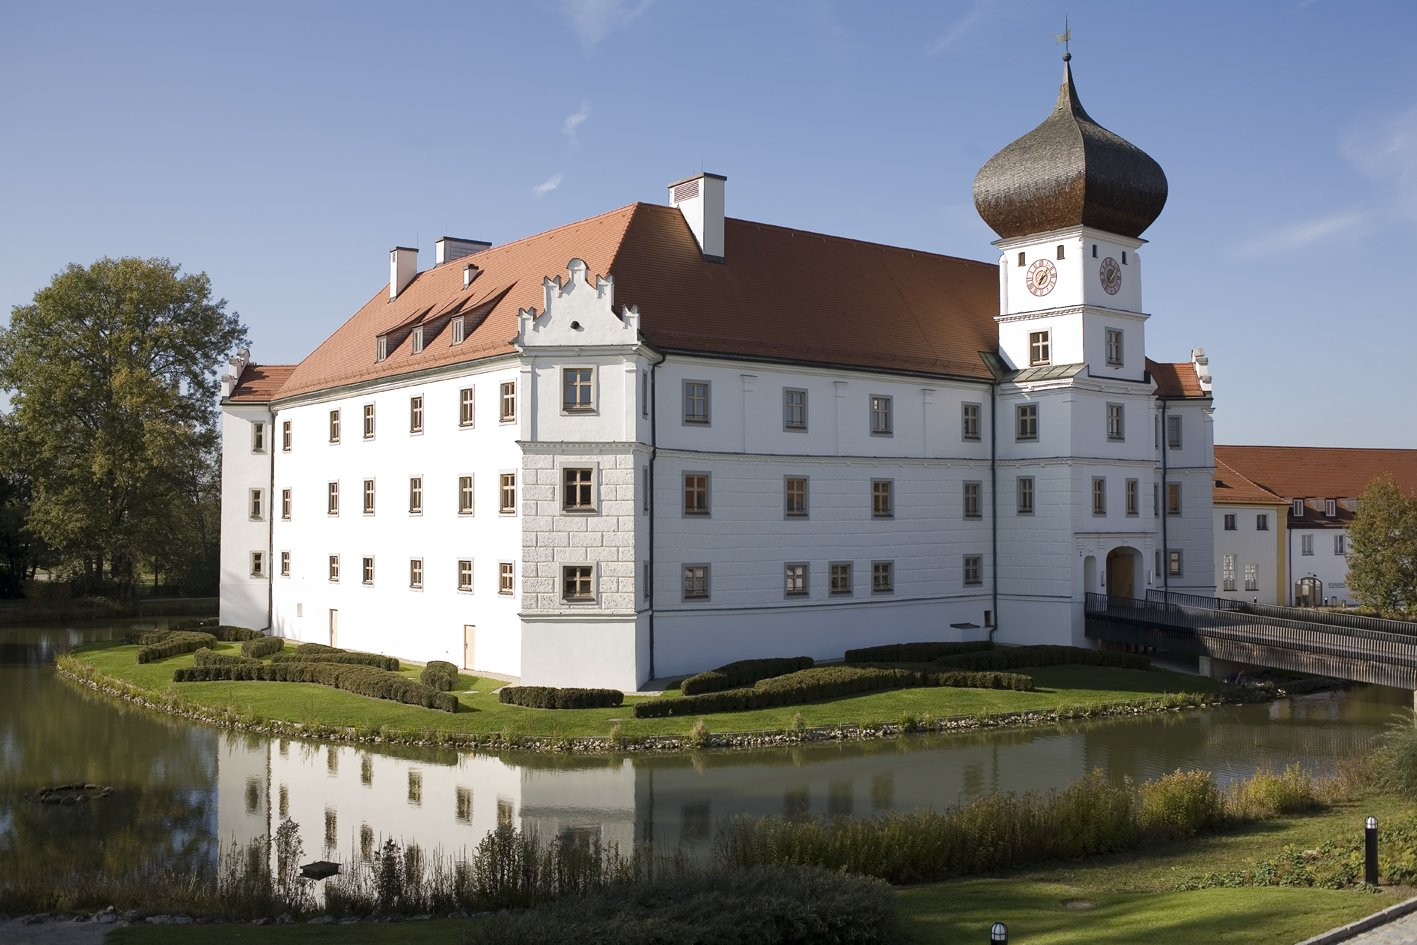 Außenansicht von Schloss Hohenkammer und Wassergraben